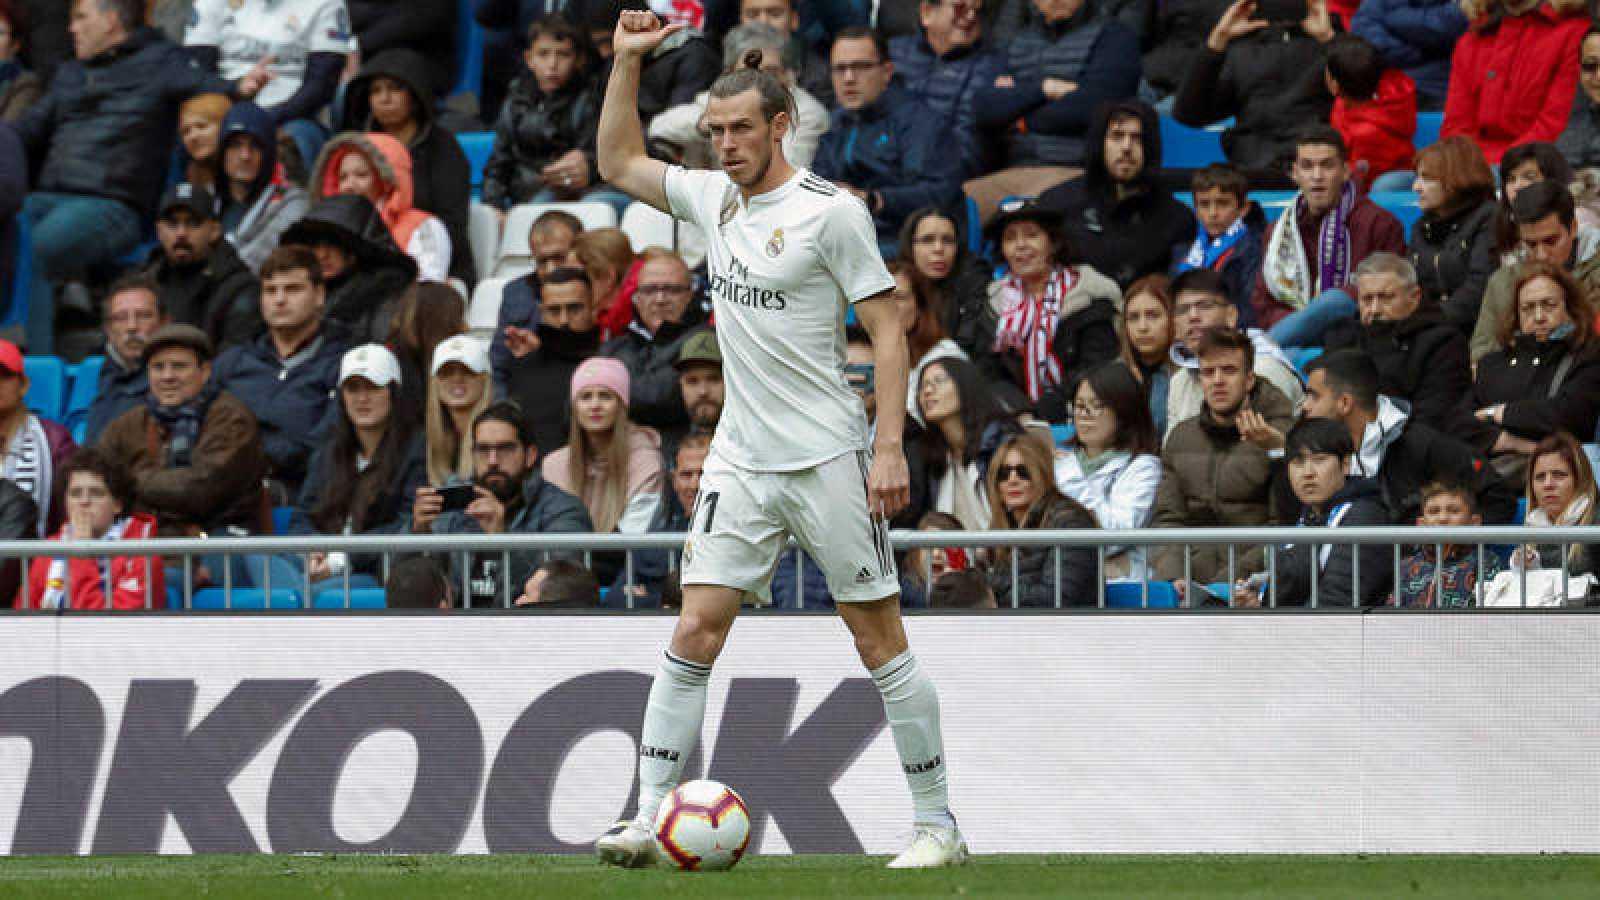 El jugador galés del Real Madrid Gareth Bale, durante el partido contra el Athletic Club de Bilbao.